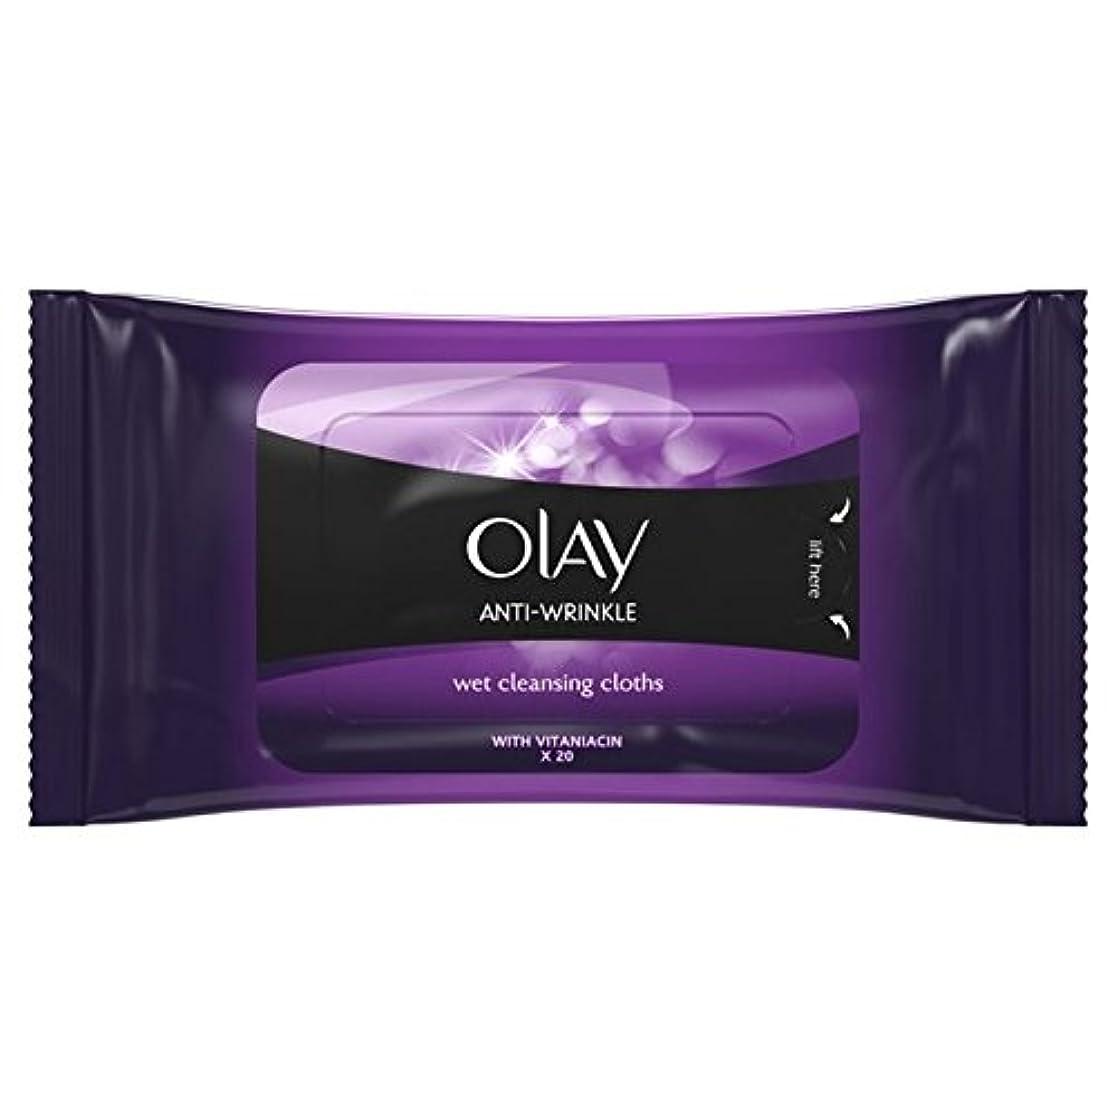 探偵ボーナス不条理パックごとに20ワイプ抗シワ事務所をオーレイ&湿ったクレンジングを持ち上げます x4 - Olay Anti Wrinkle Firm & Lift Wet Cleansing Wipes 20 per pack (Pack...